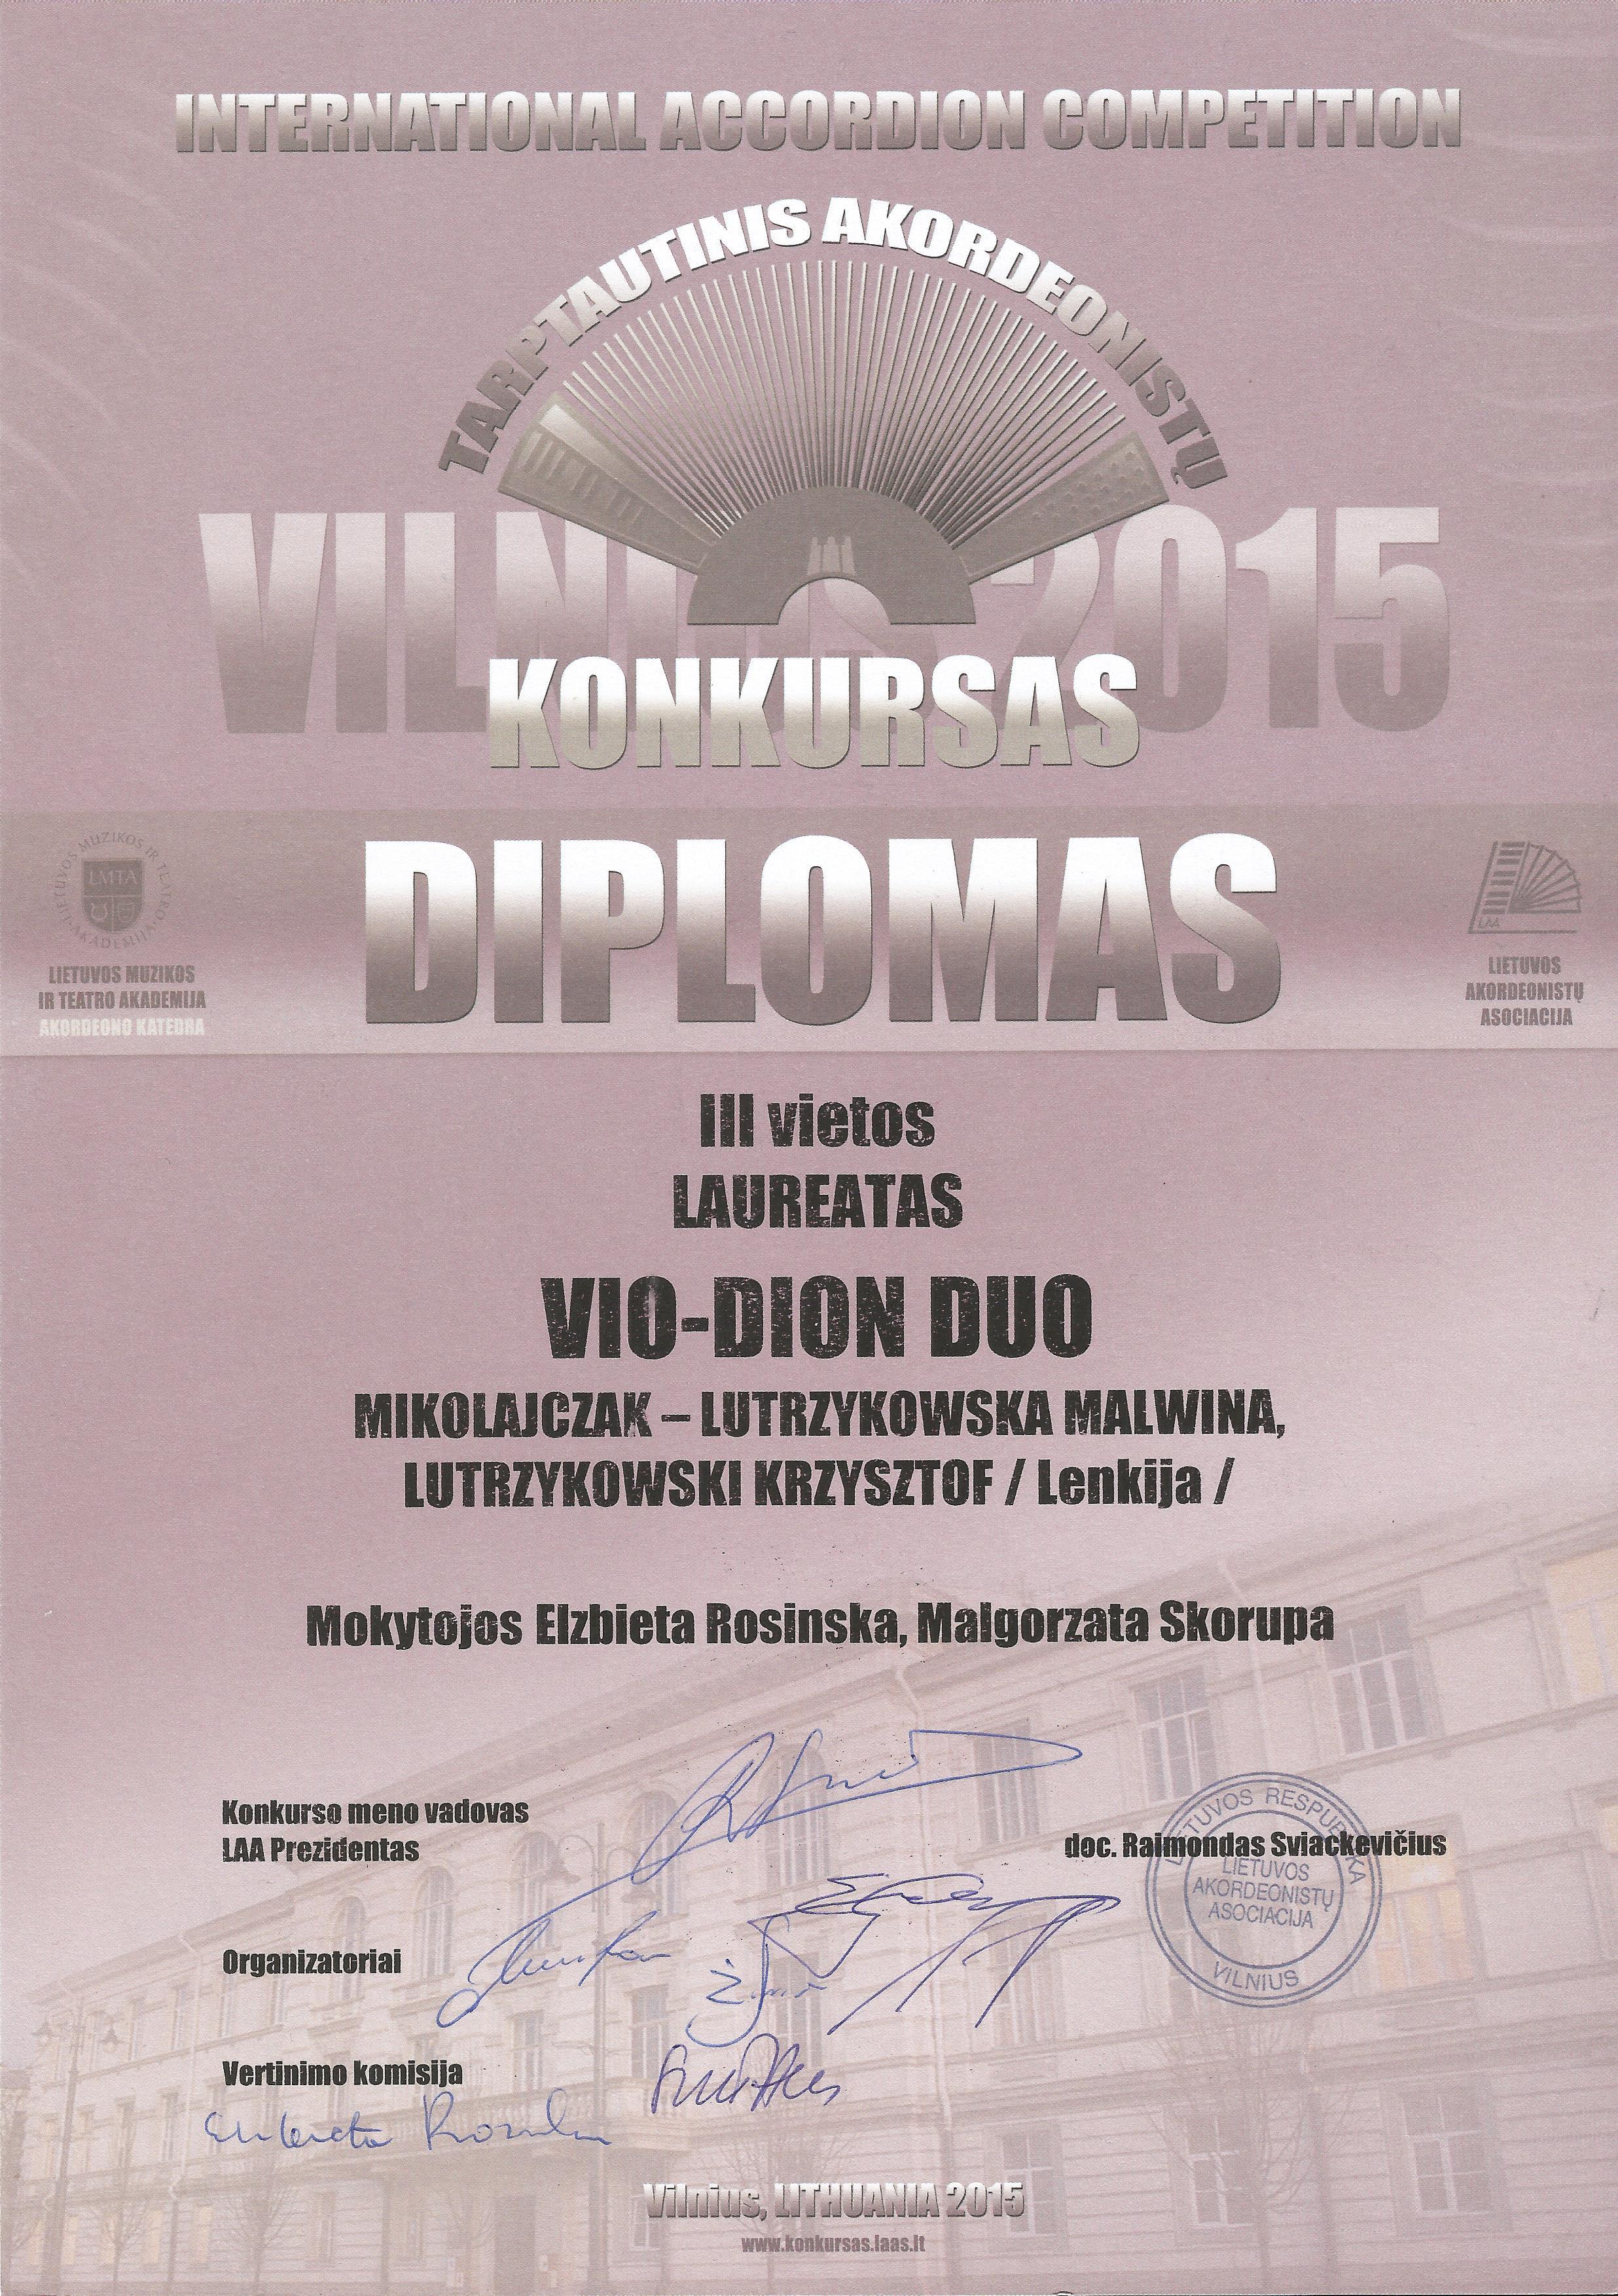 Wilno 2015 - Dyplom Malwina & Krzysztof